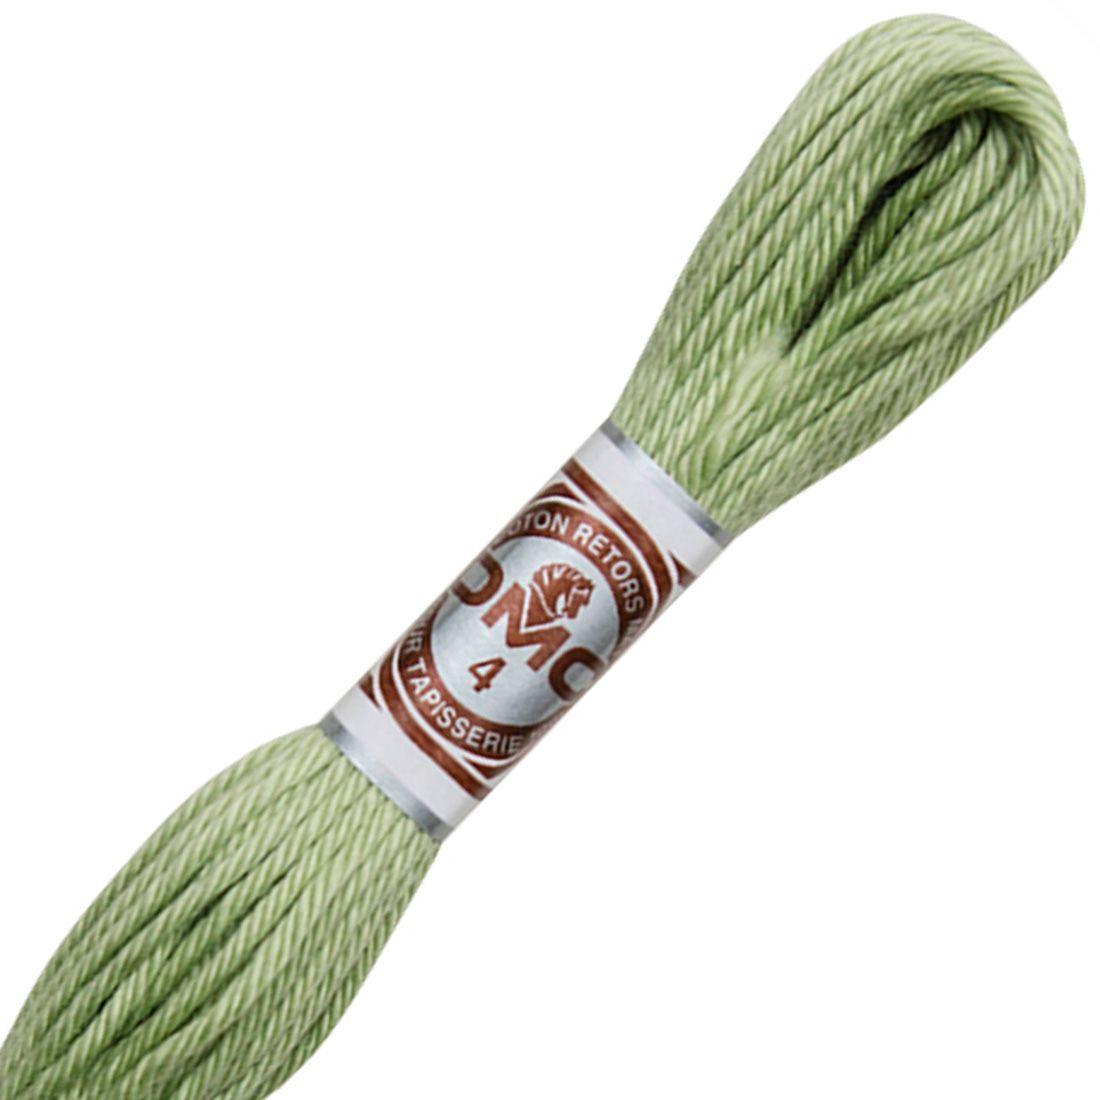 Fil retors mat canevas dmc n 2472 vert celeri